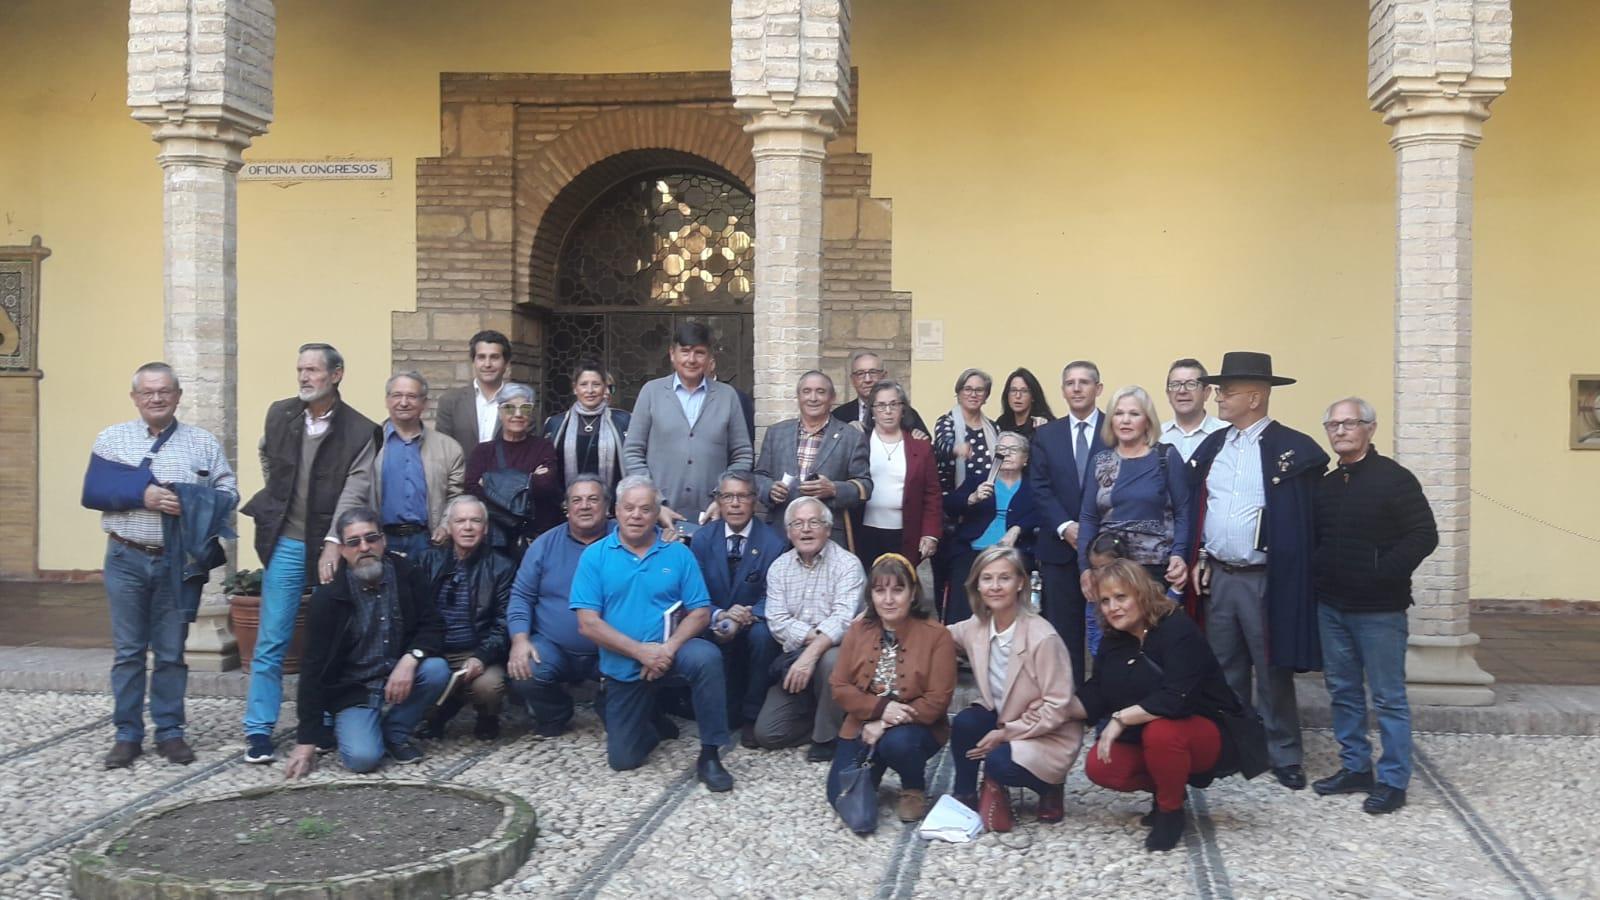 El Palacio de Congresos de Córdoba rememora su pasado como casa cuna